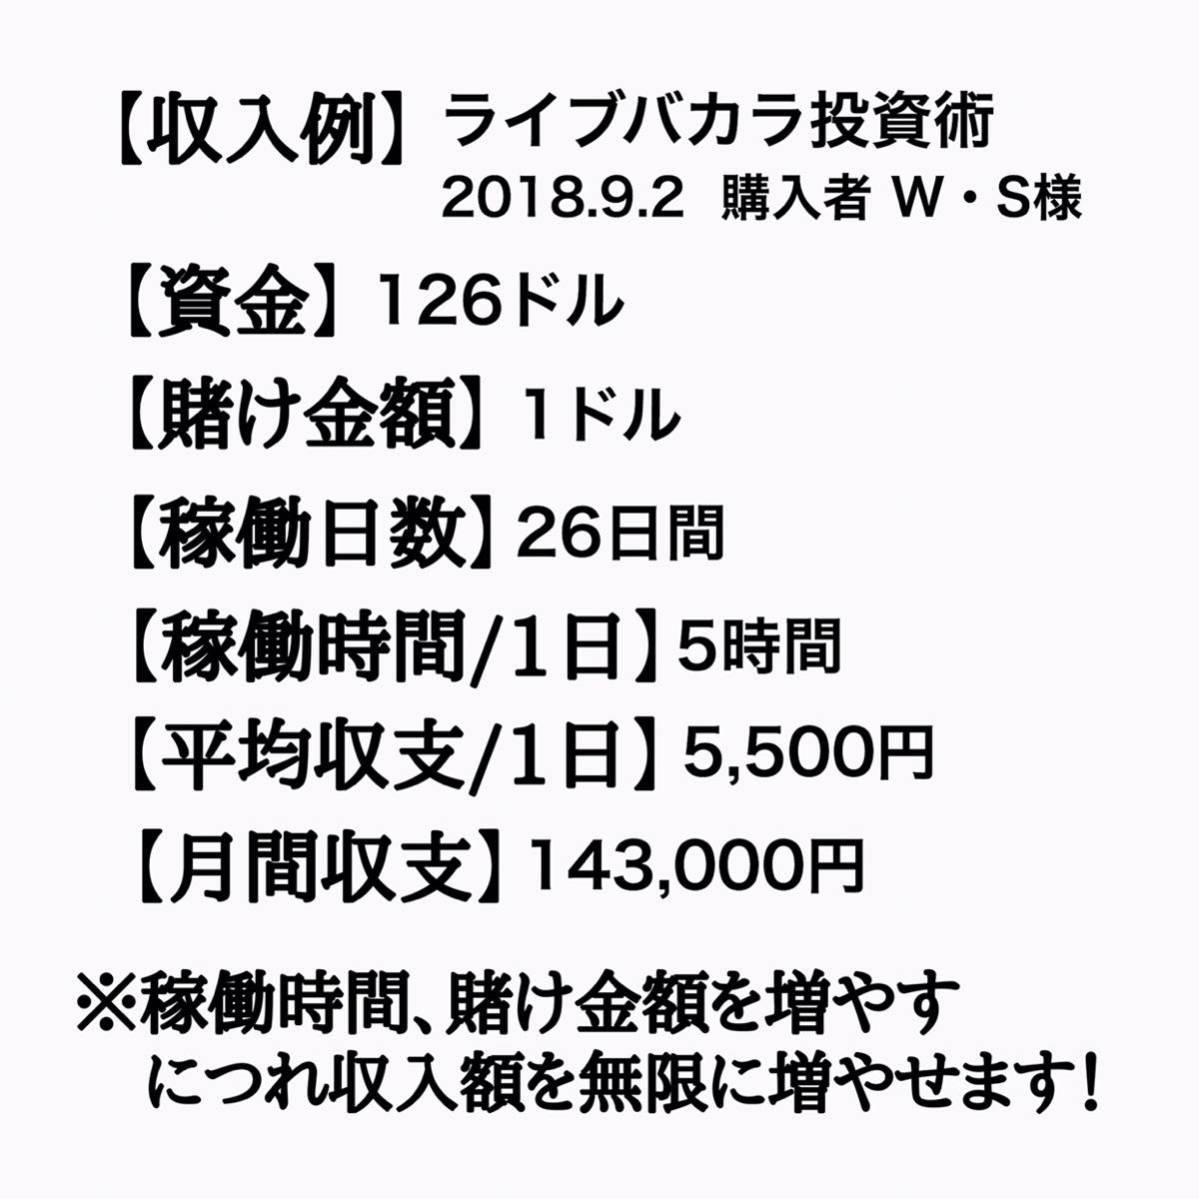 《先着3名様限定》通常価格¥90,000円⇒先着限定価格¥6,980円 完全オリジナル極秘投資術セット 攻略法 仮想通貨 FX 投資 カジノ 副業 0_画像5